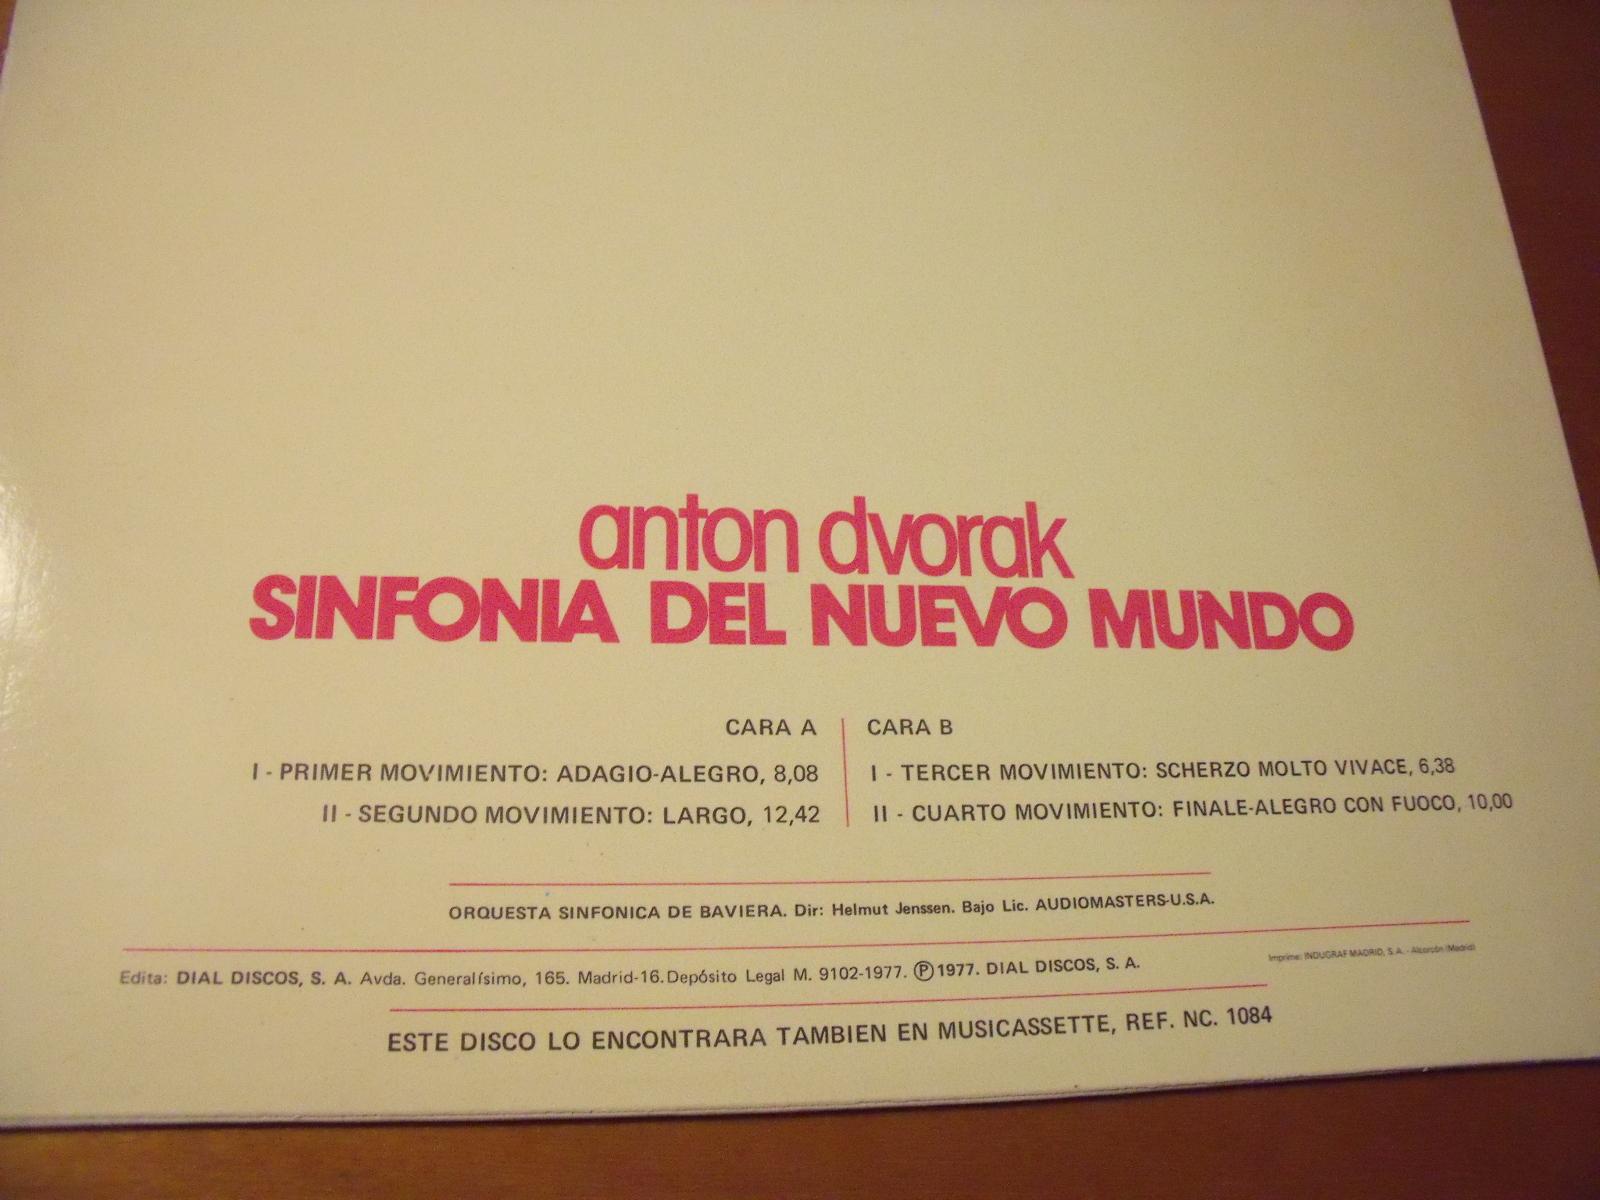 """DVORAK SINFONÍA Nº 9 """"DEL NUEVO MUNDO"""" 2zyjs5w"""